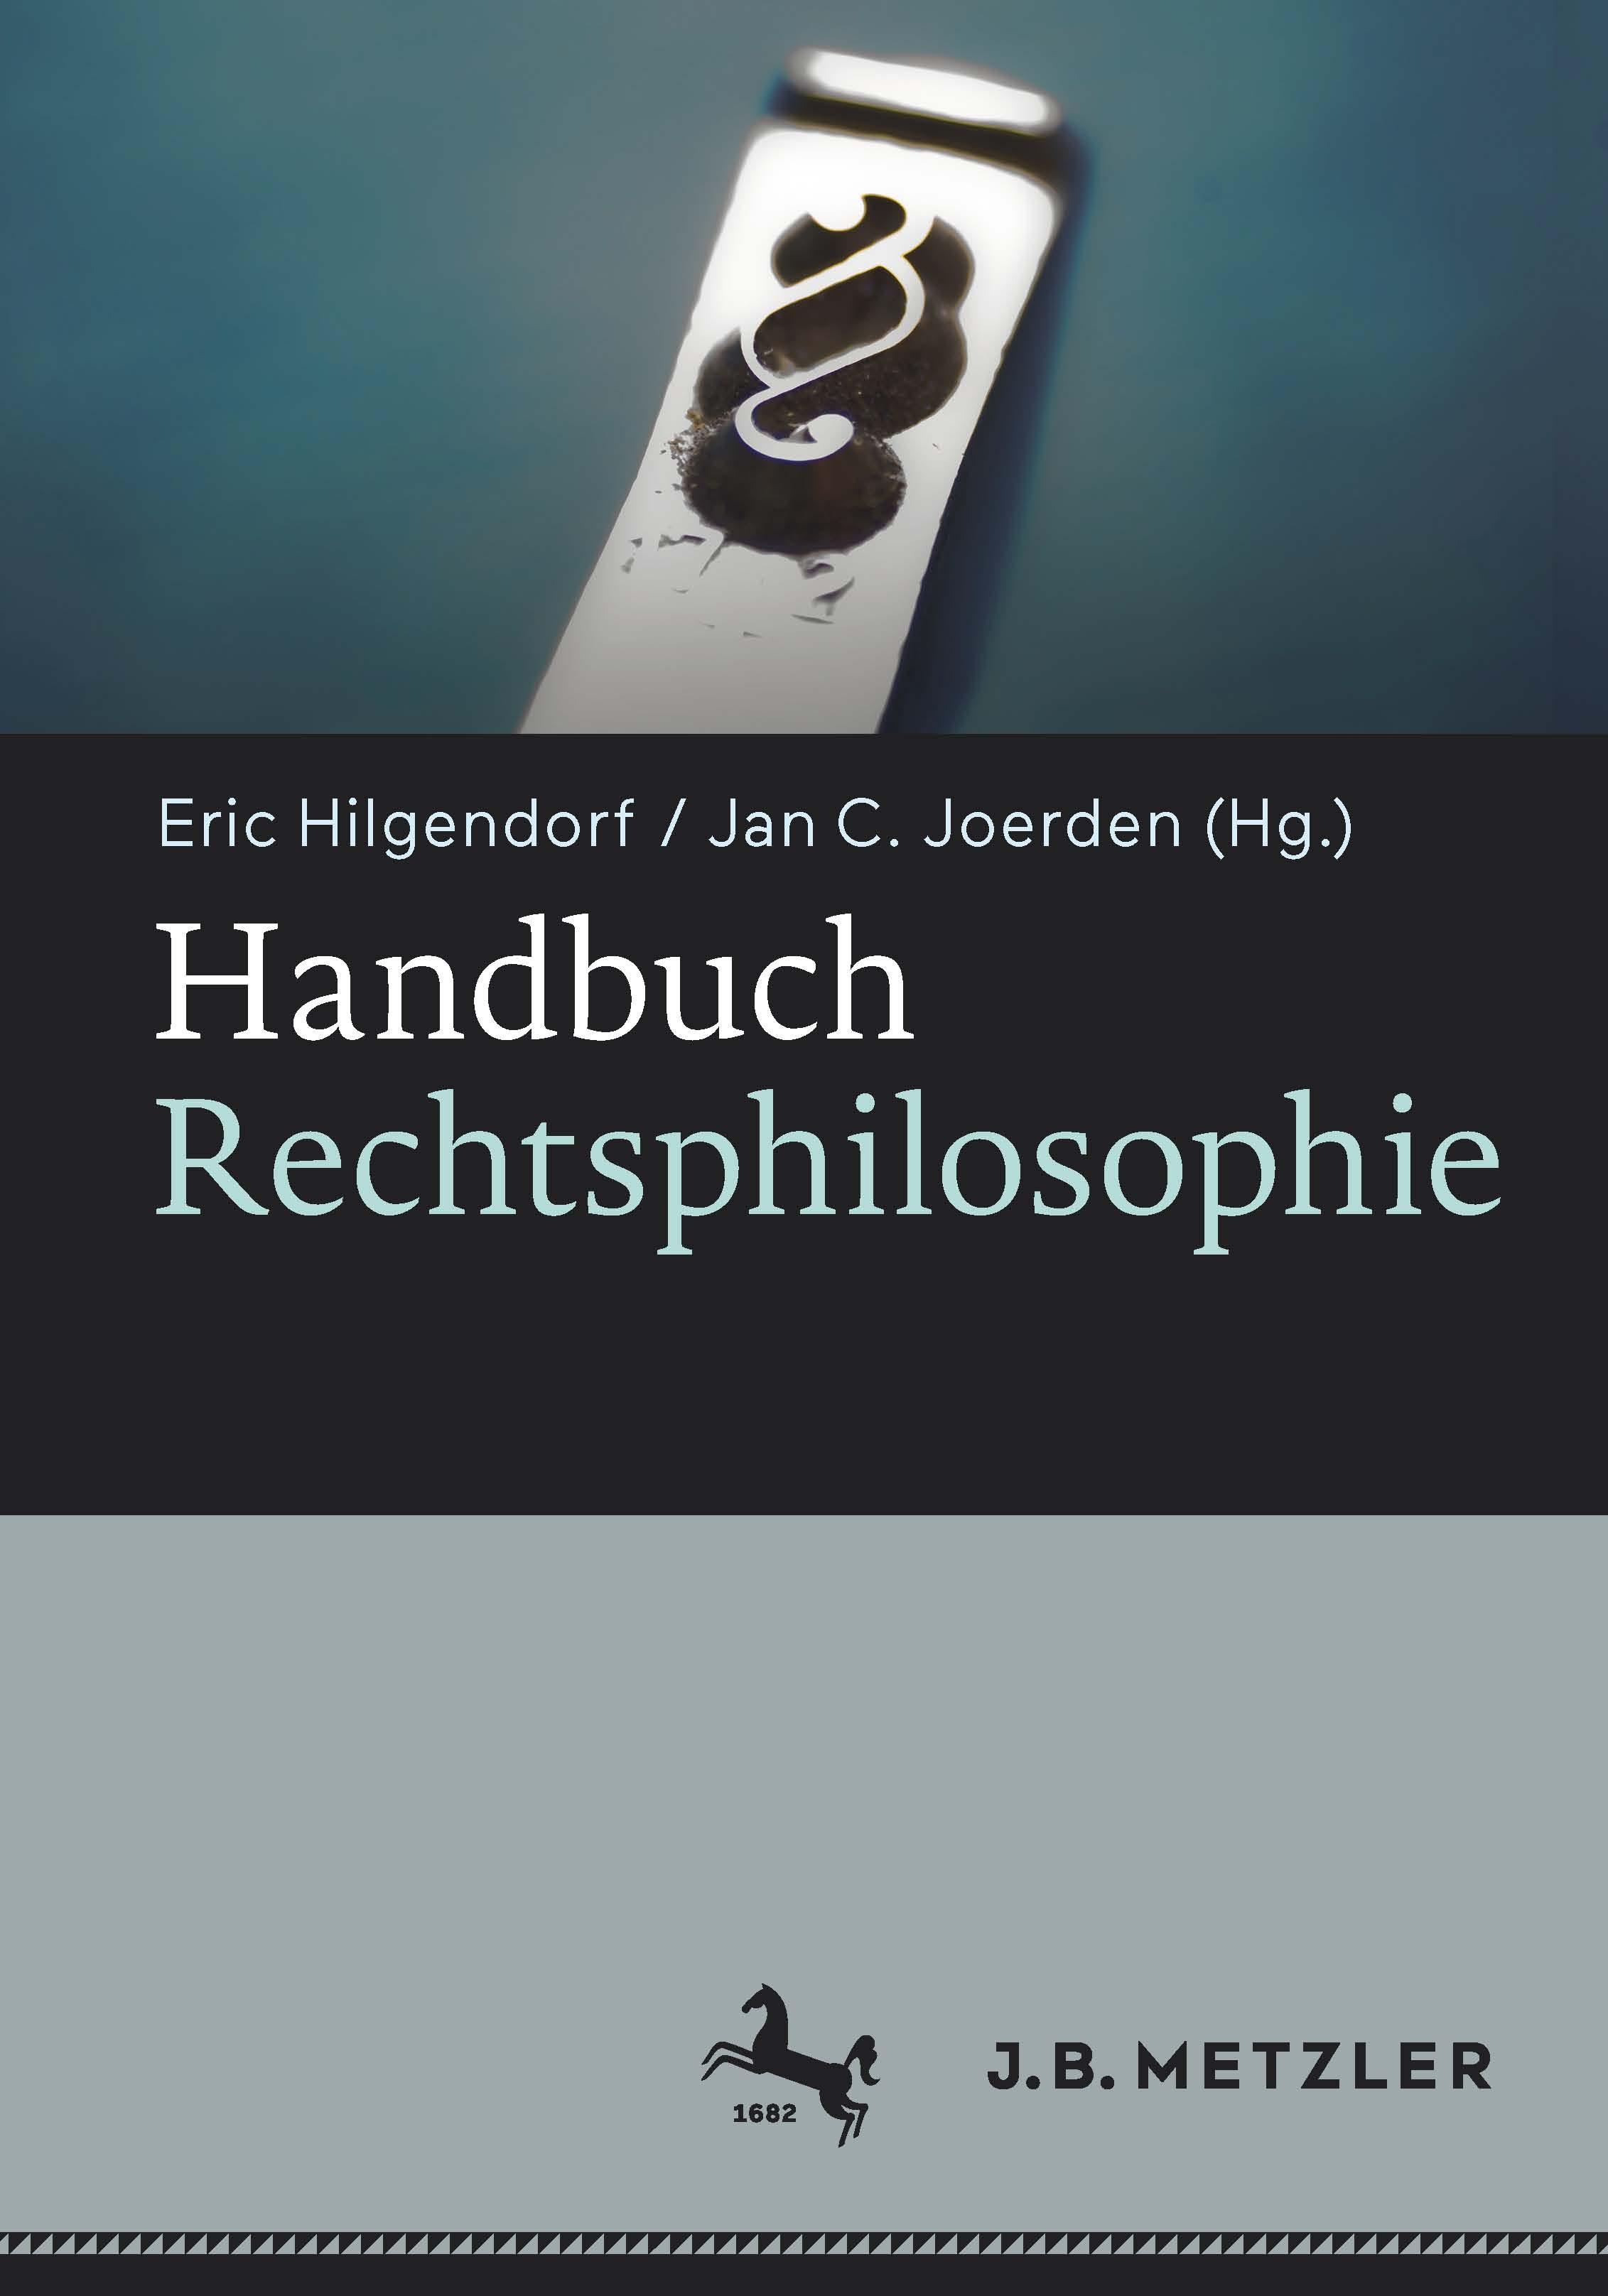 Hilgendorf, Eric - Handbuch Rechtsphilosophie, ebook